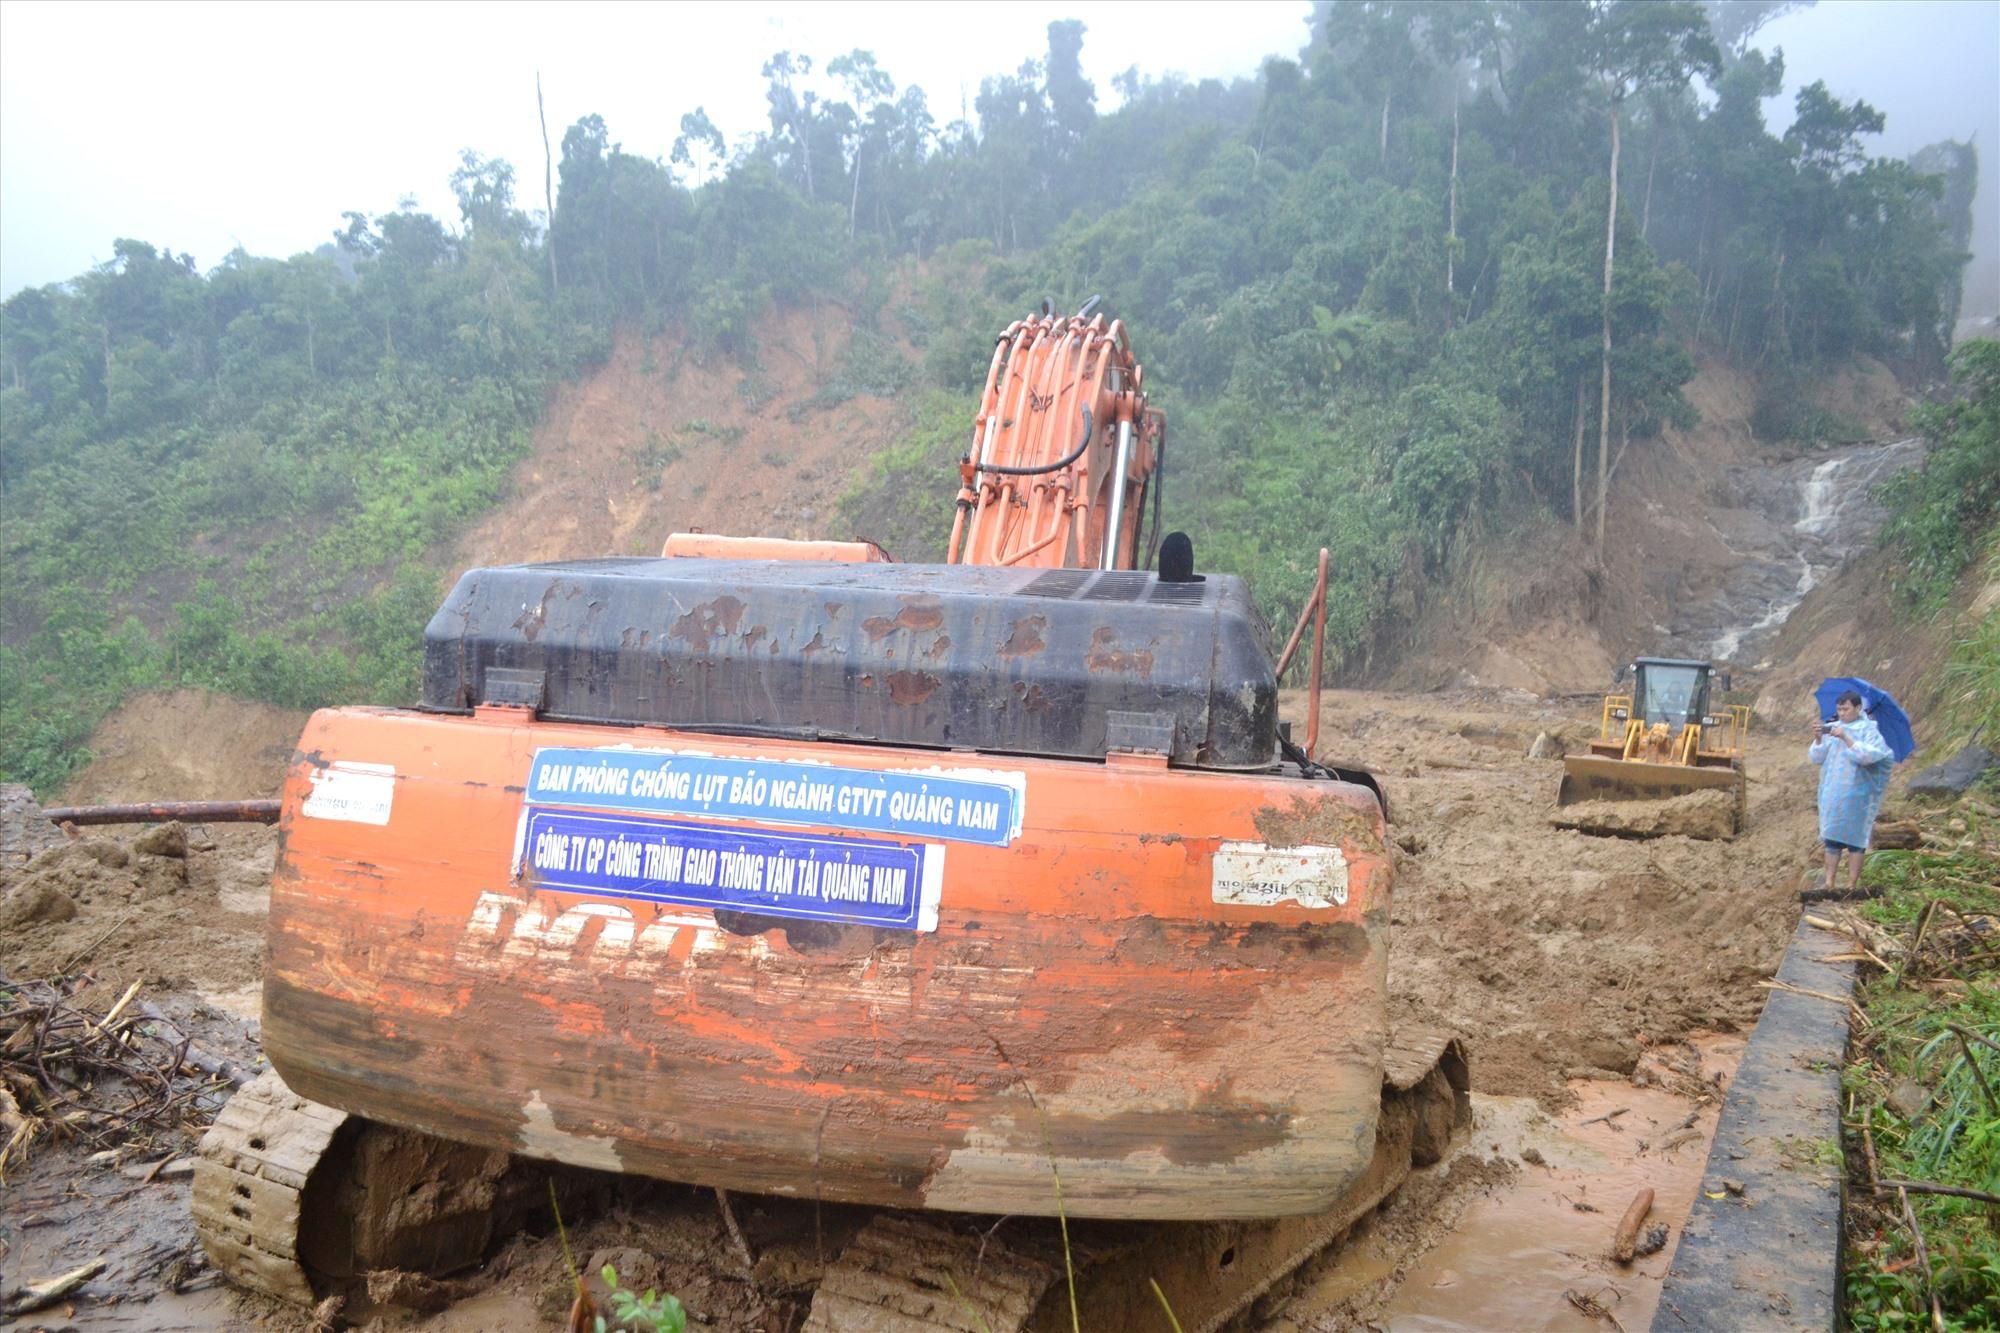 Phương tiện được Sở GTVT chi viện hỗ trợ khắc phục sạt lở giao thông tại Phước Sơn. Ảnh: CT